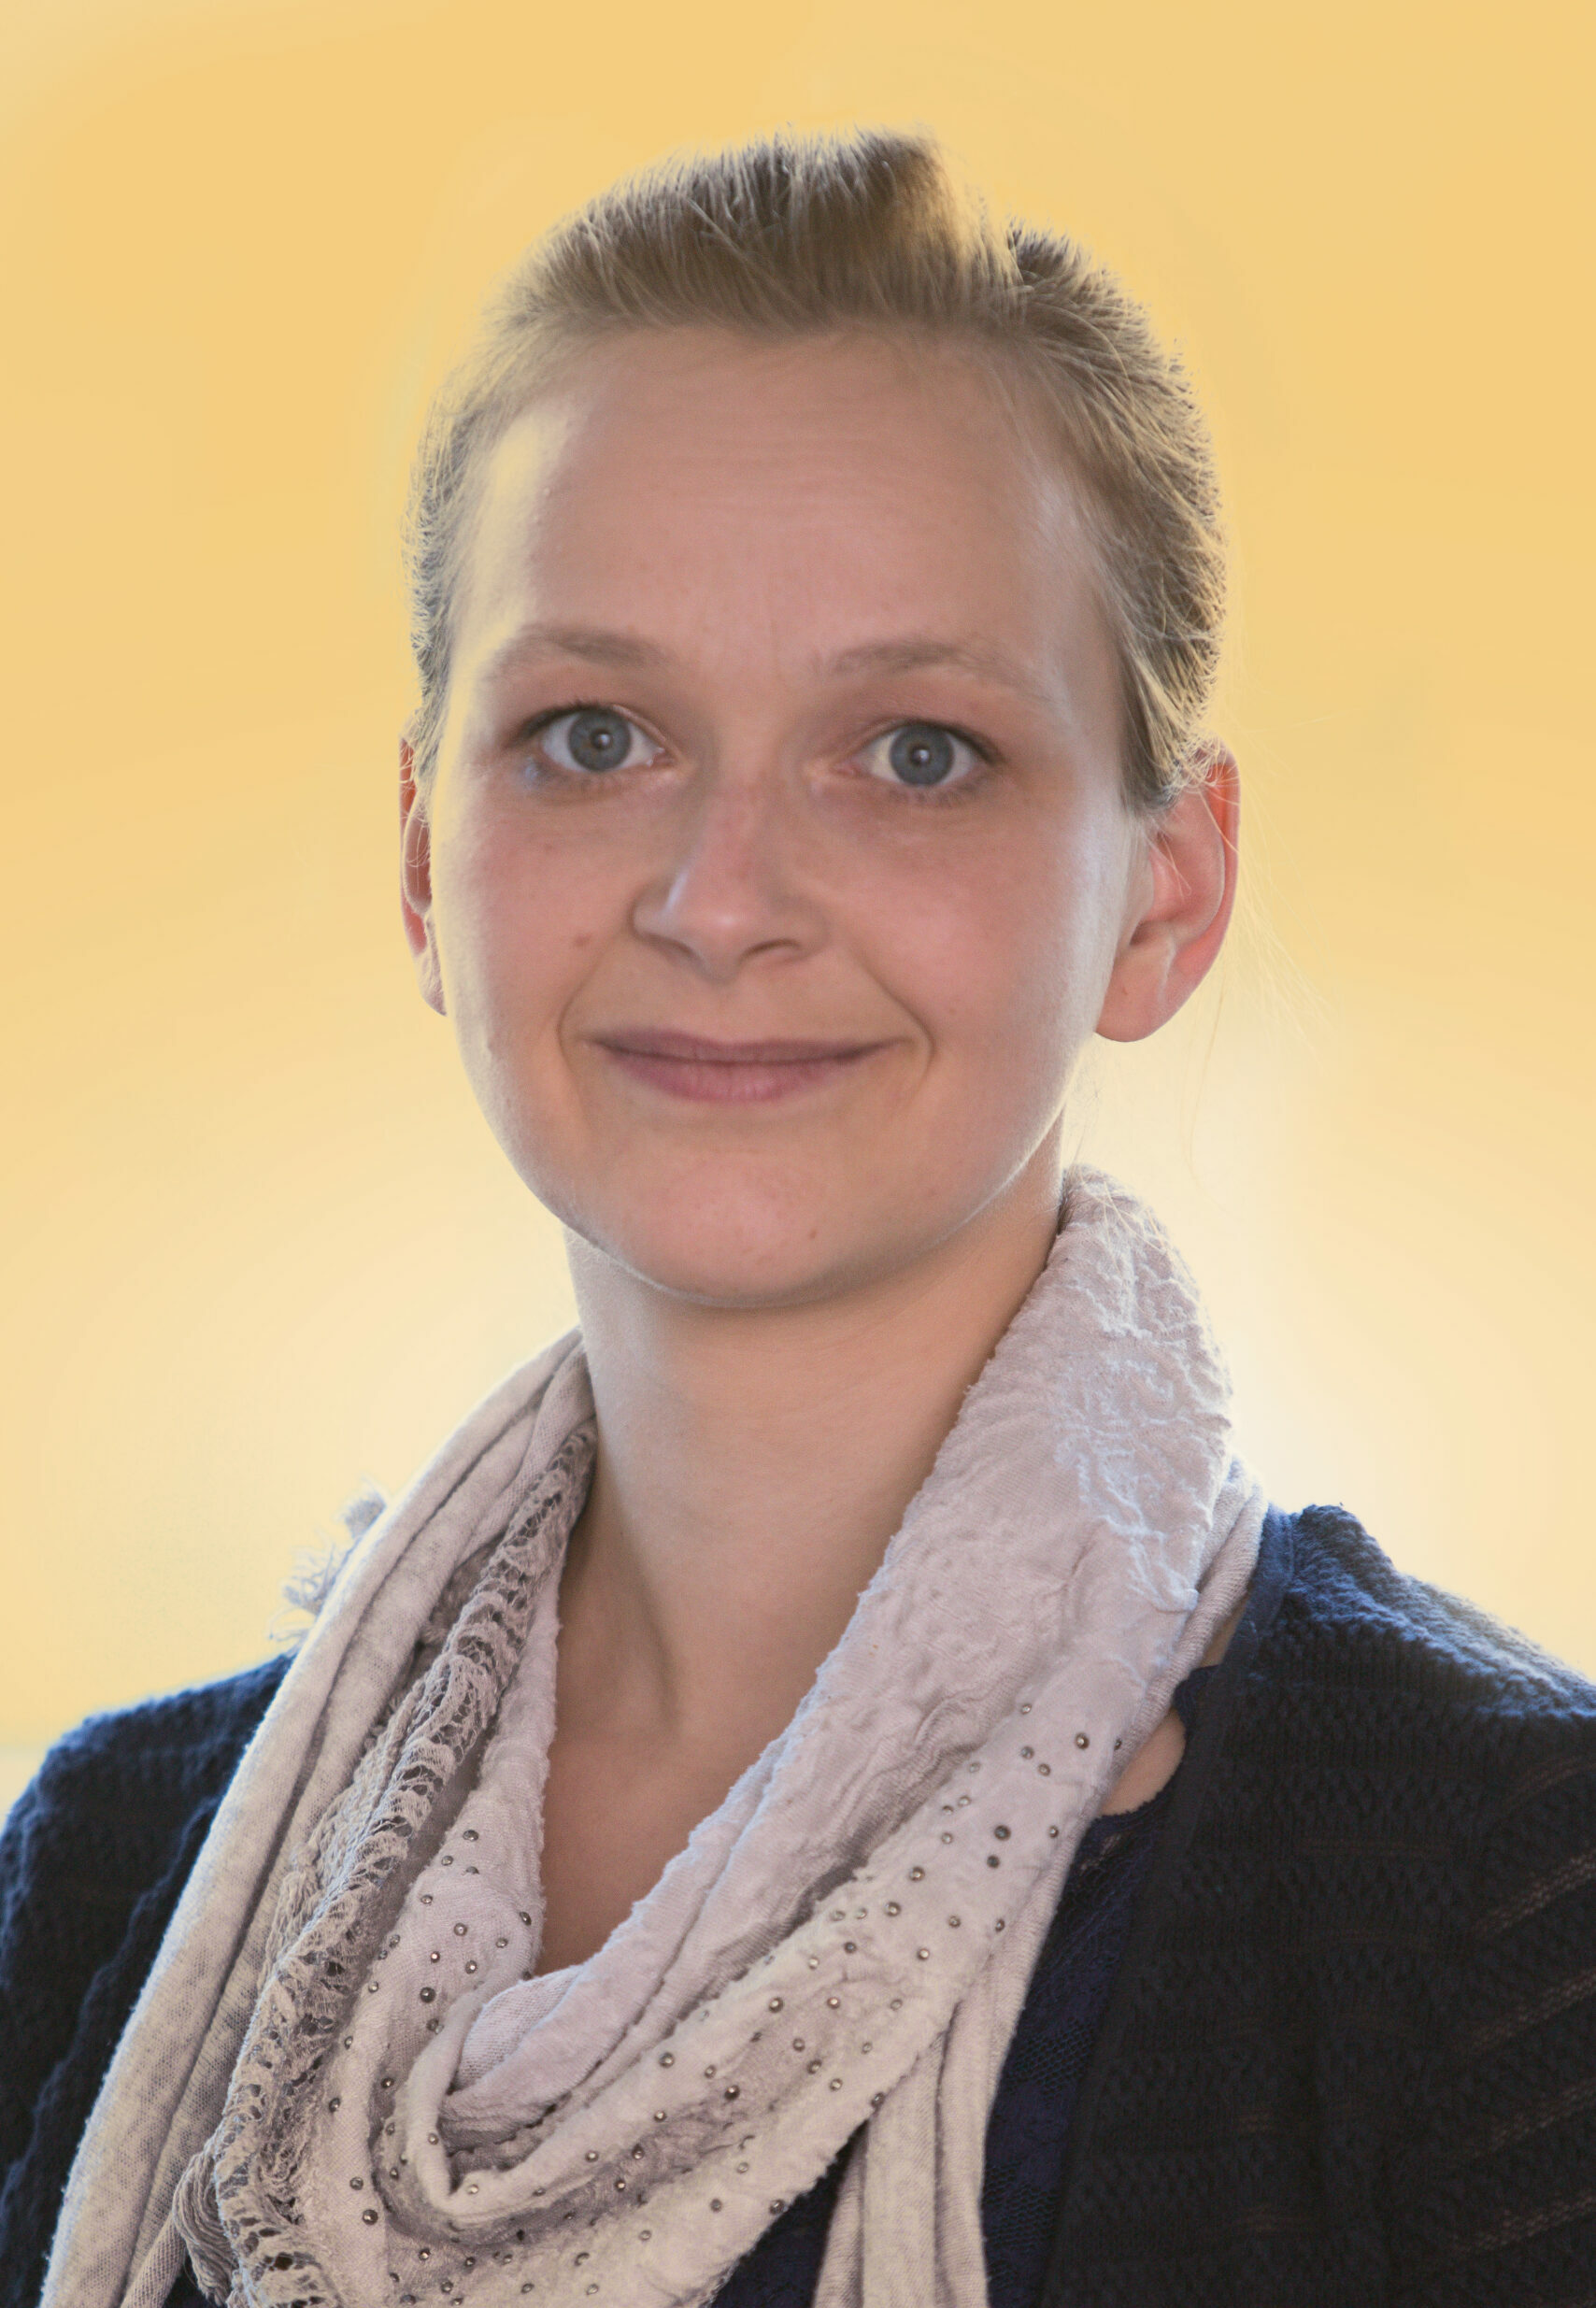 Melanie Schlicher